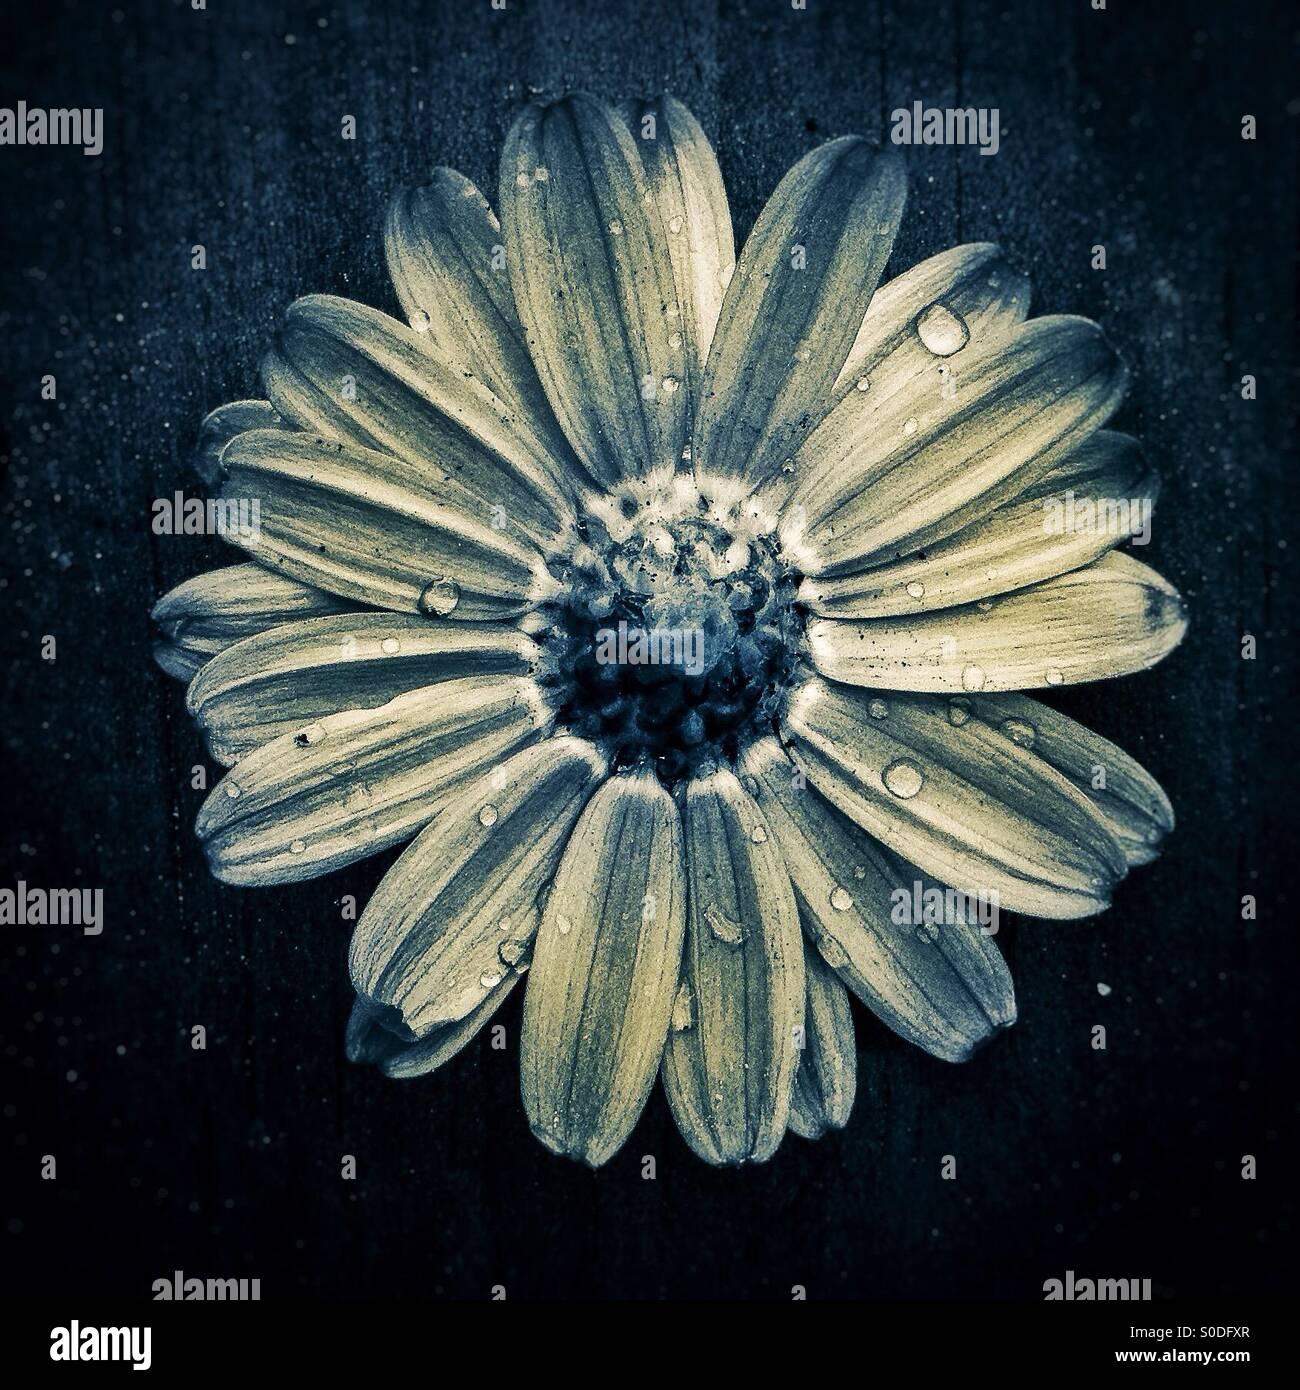 Daisy backwards flower - Stock Image